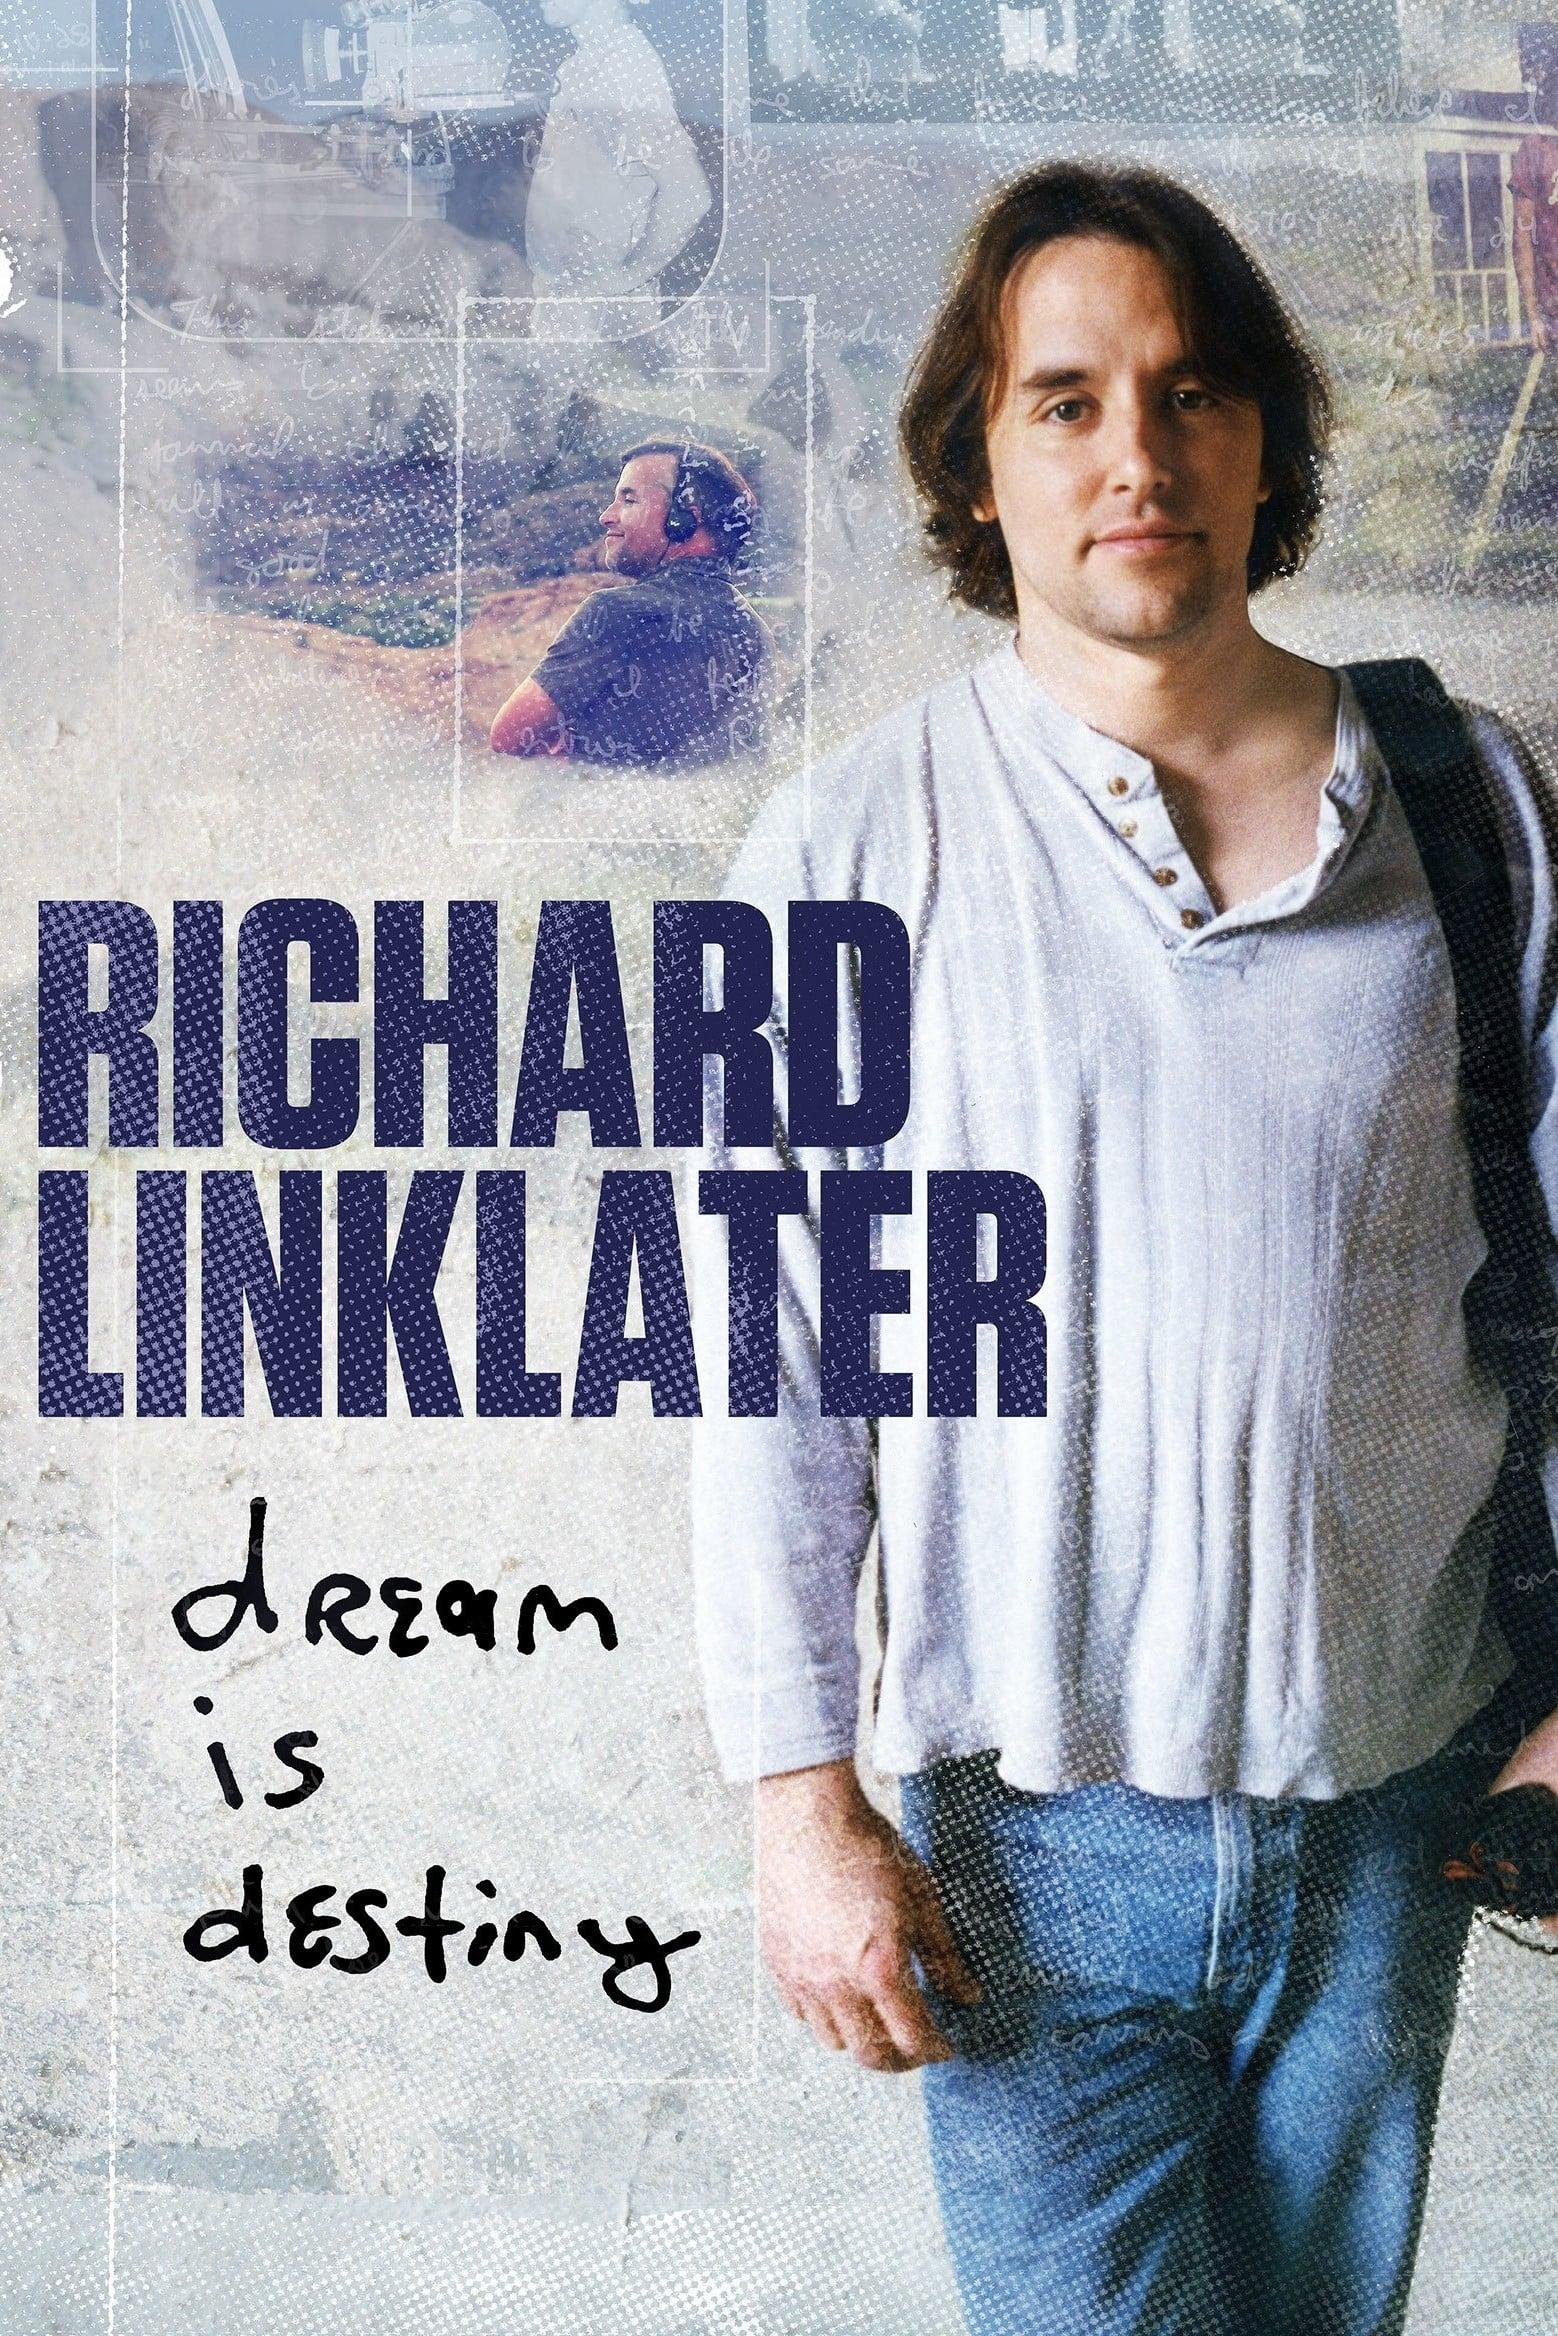 Richard Linklater: Dream Is Destiny (2016)